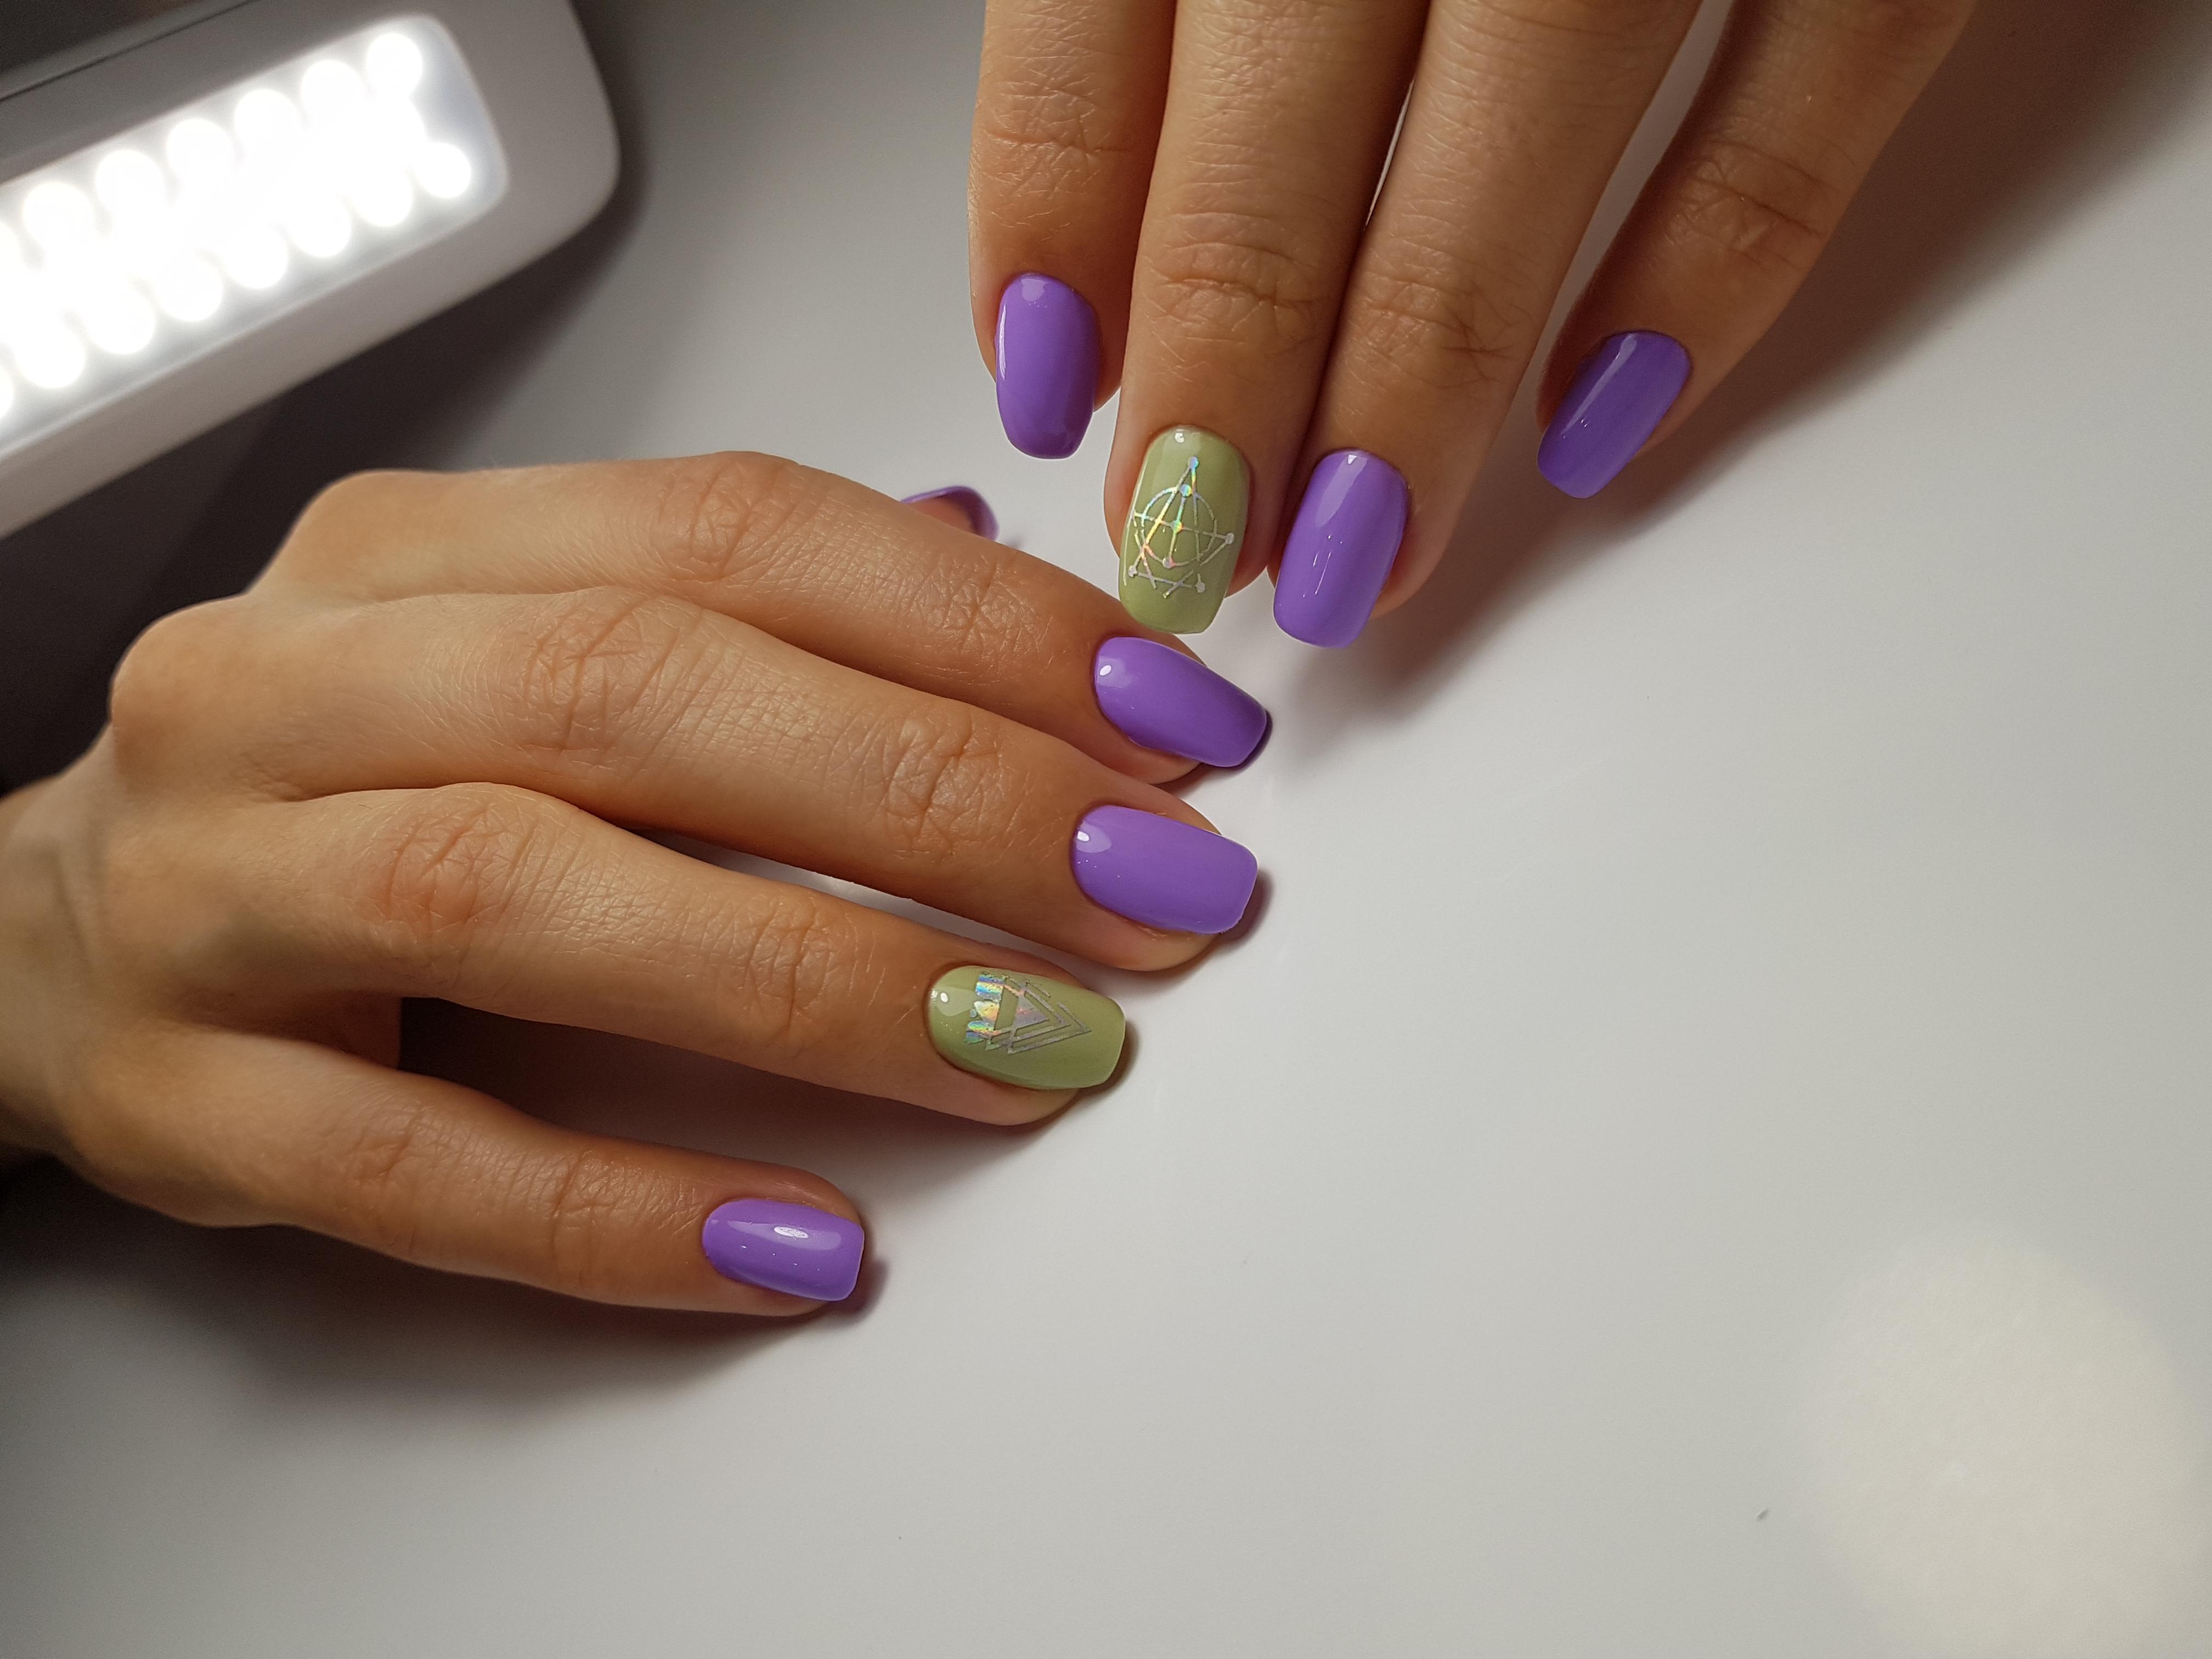 Маникюр с геометрическими слайдерами в фиолетовом цвете.